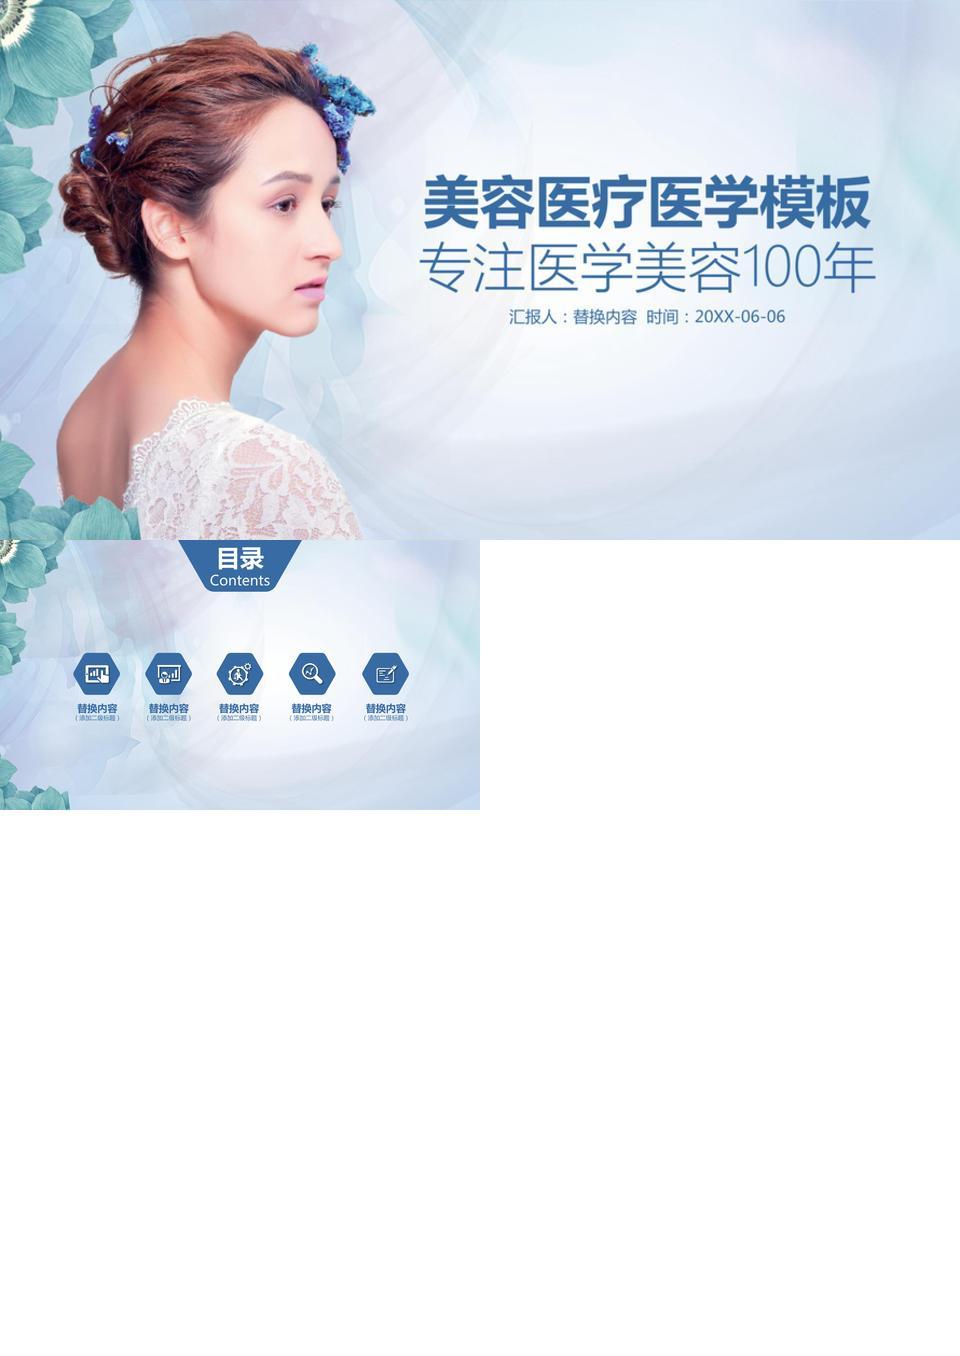 清新美容医疗通用PPT模板